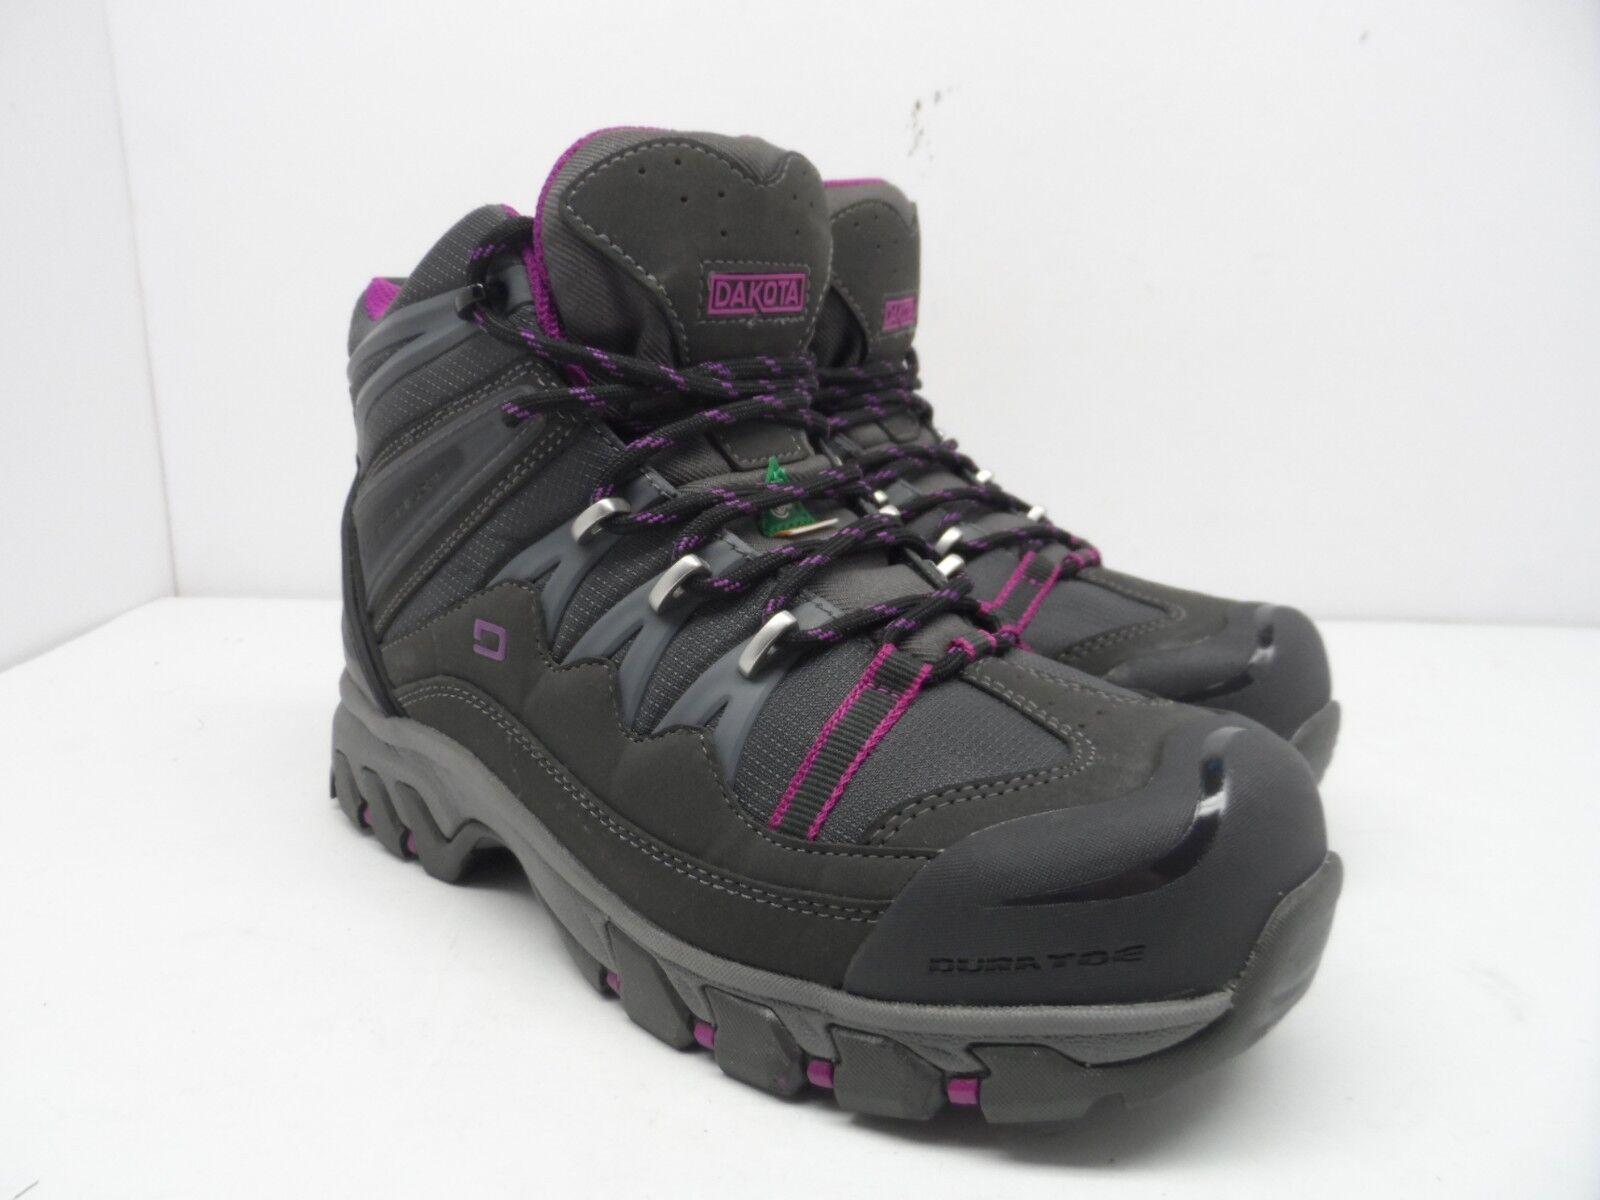 DAKOTA Women's Mid-Cut Steel Toe Steel Plate Hiking Boots Grey Purple Size 6W